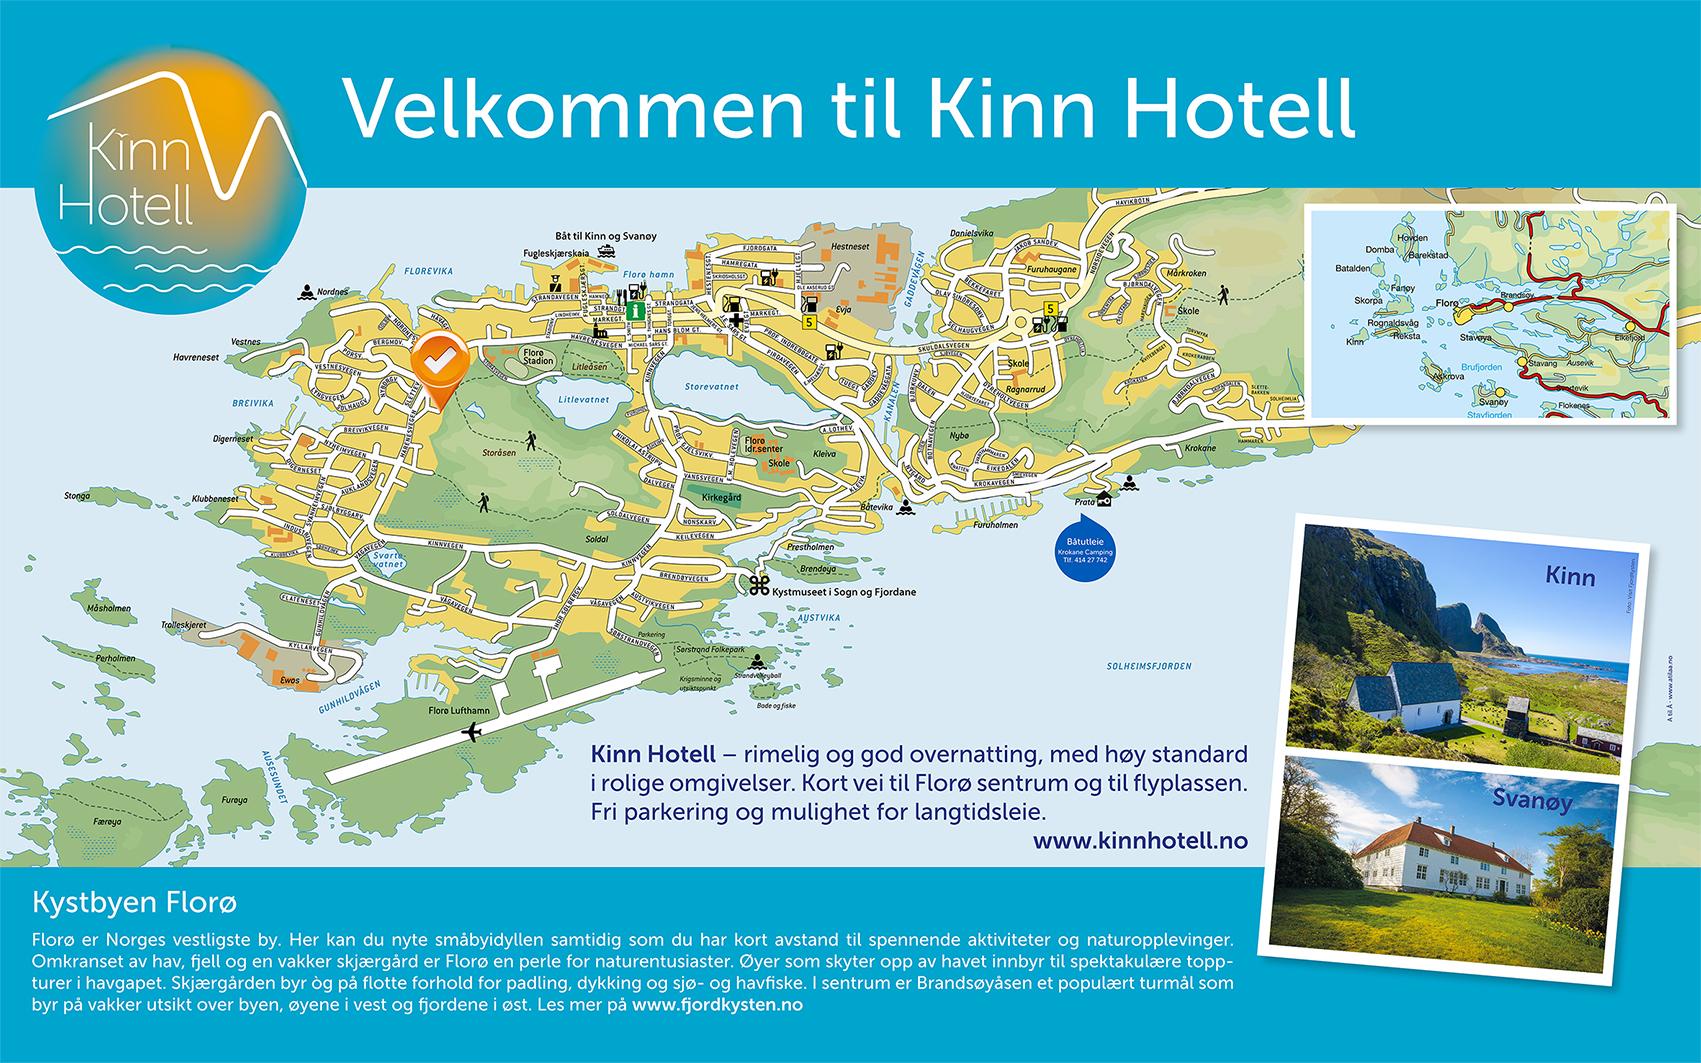 Kinn Hotell kartskilt 2021 - kinnhotell.no